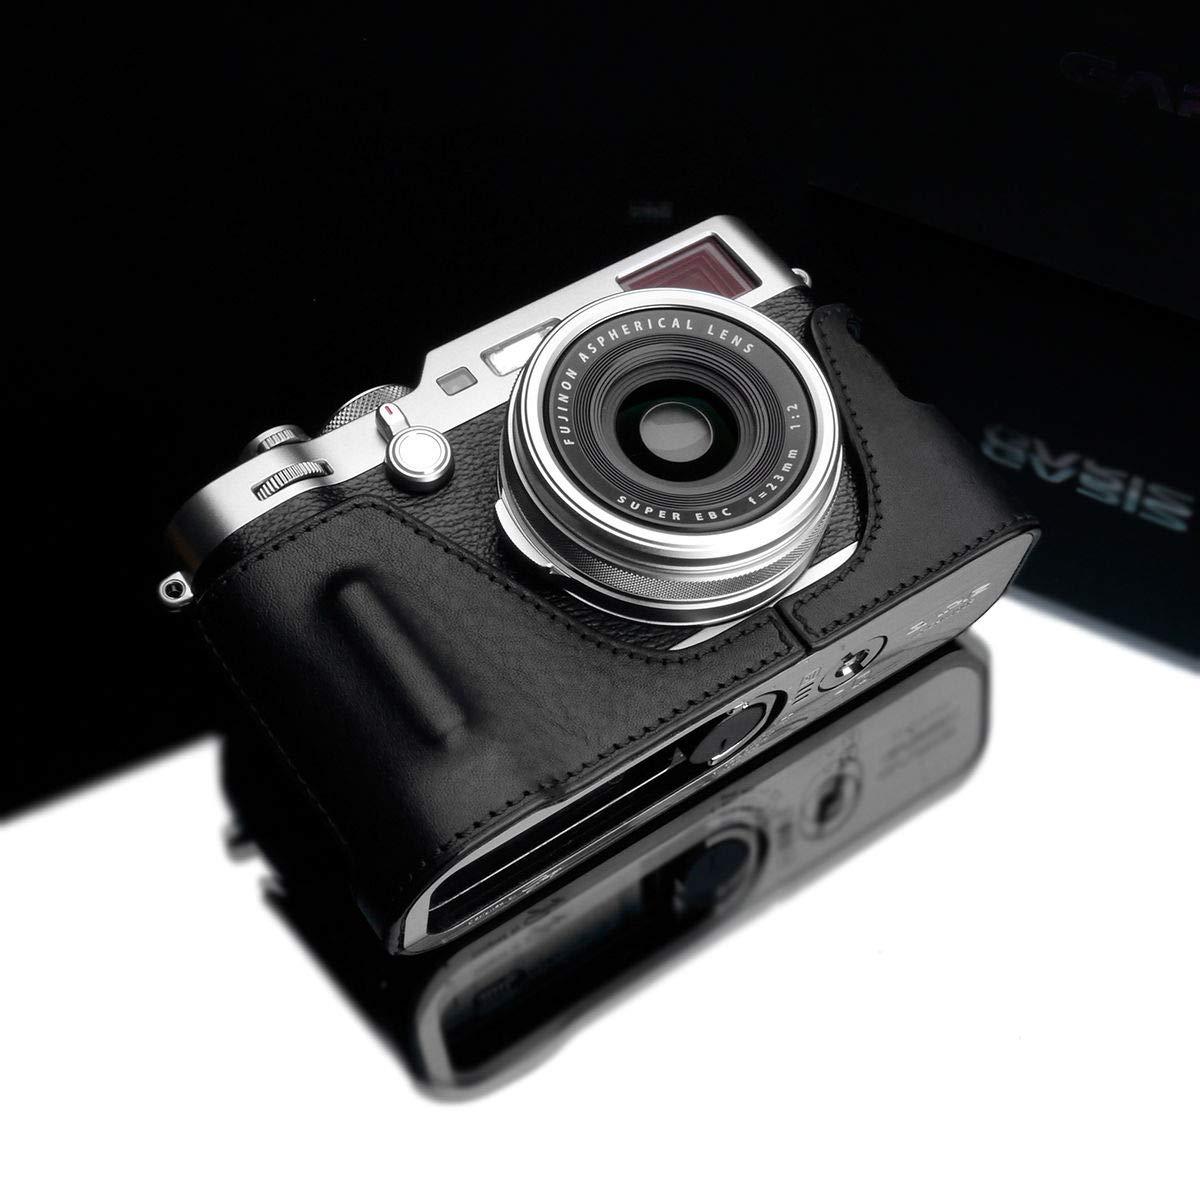 GARIZ HG-X100FBK 本革ハーフケース 富士フイルム X100F用 ブラック   B07MHNL3LY